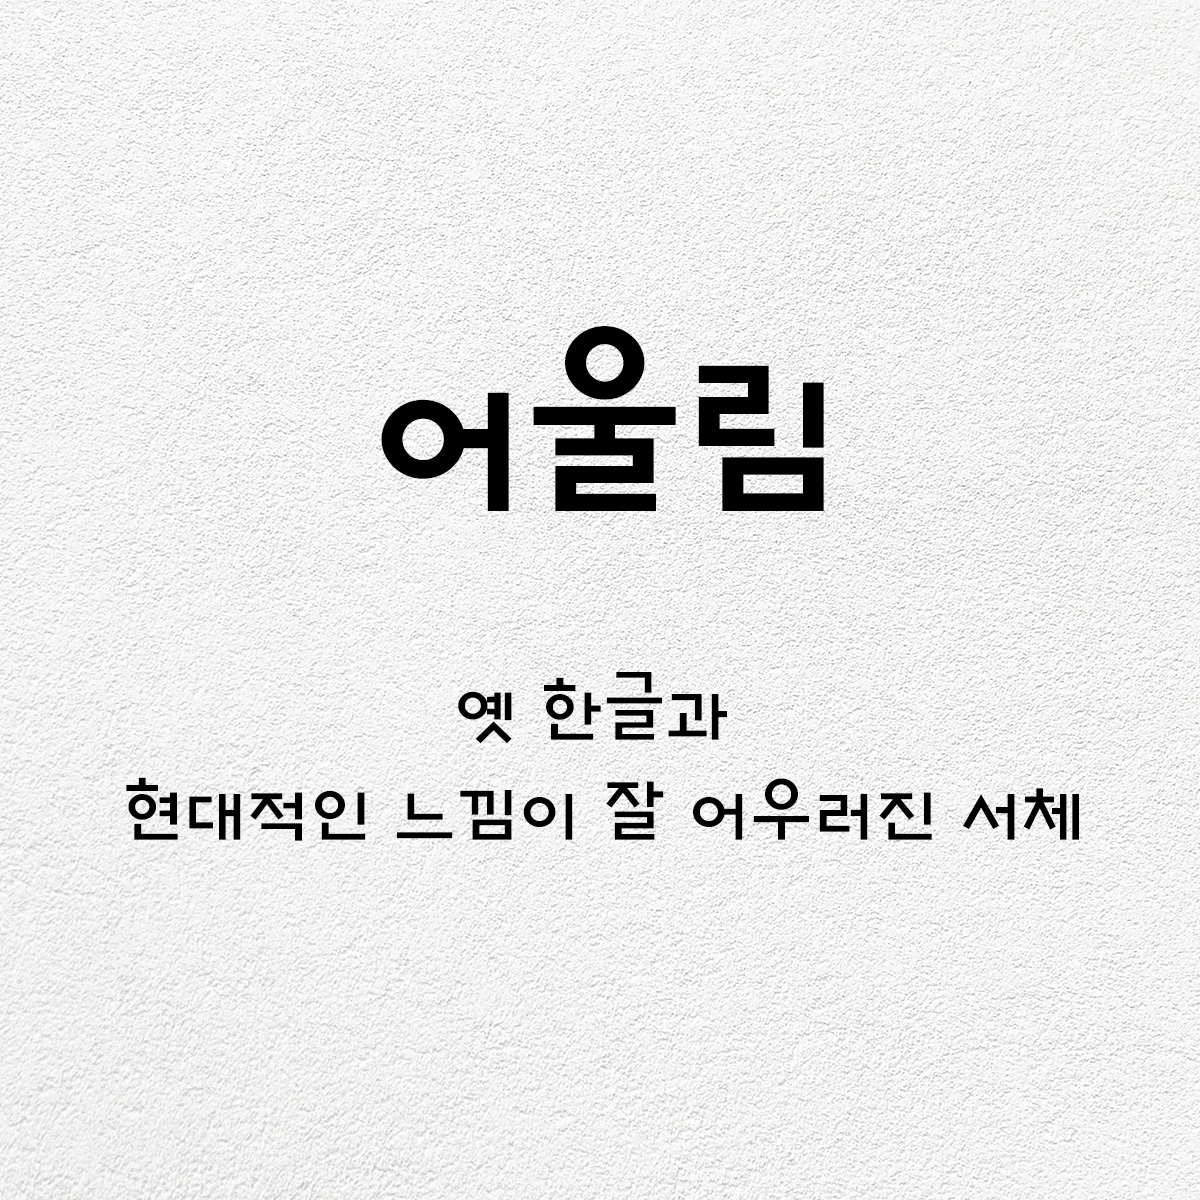 타이포_어울림